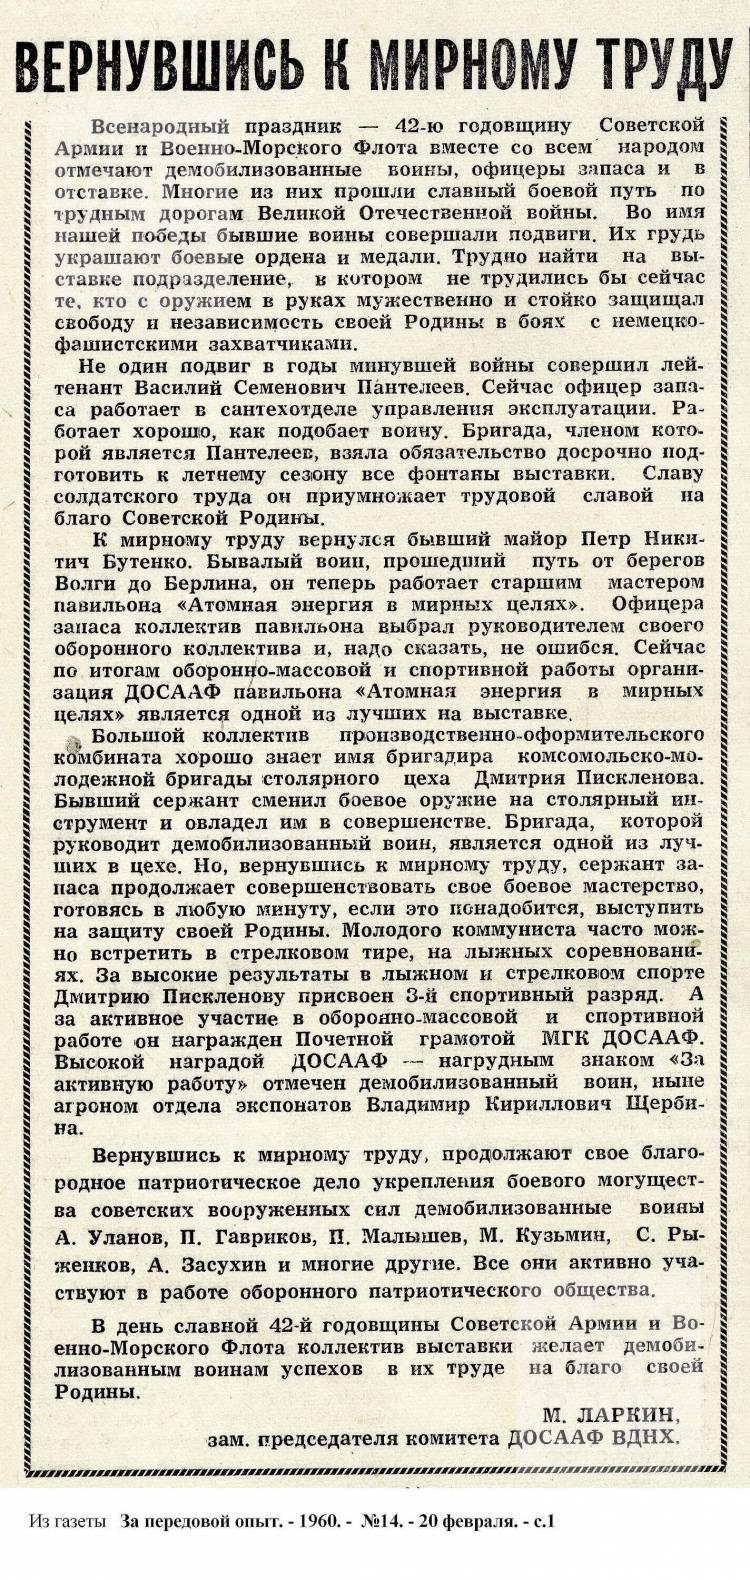 """""""Вернувшись к мирному труду"""". 1960, №14"""